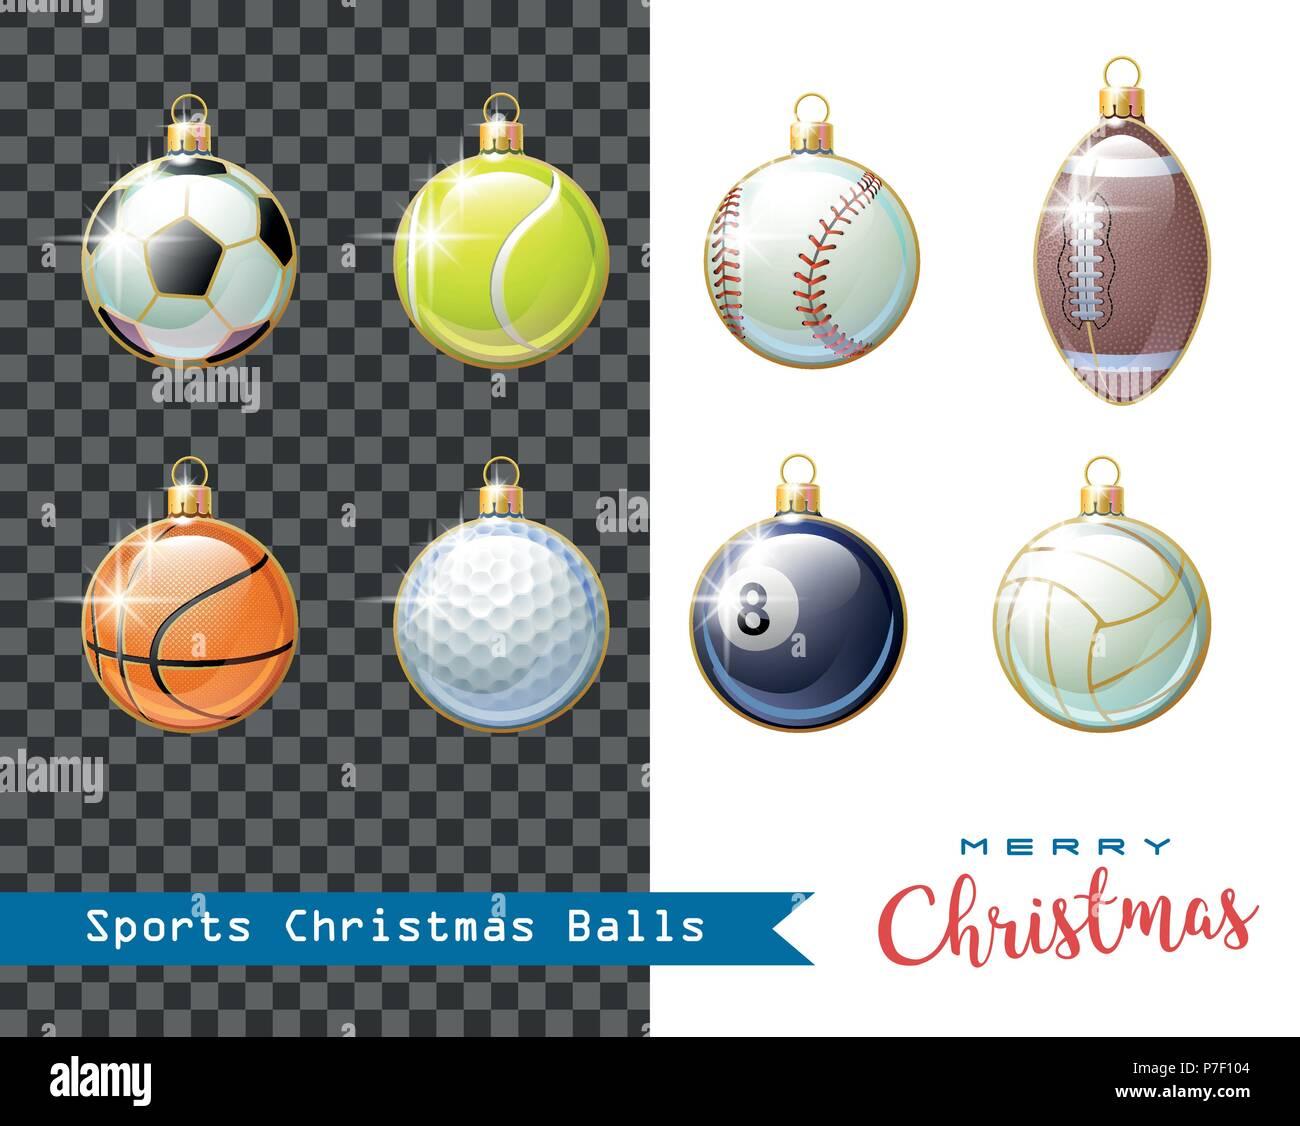 Auguri Di Natale Per Sportivi.Auguri Di Buon Natale Raccolta Di Diversi Sport Palle Di Natale Per I Vostri Lavori Creativi Illustrazione Vettoriale Immagine E Vettoriale Alamy